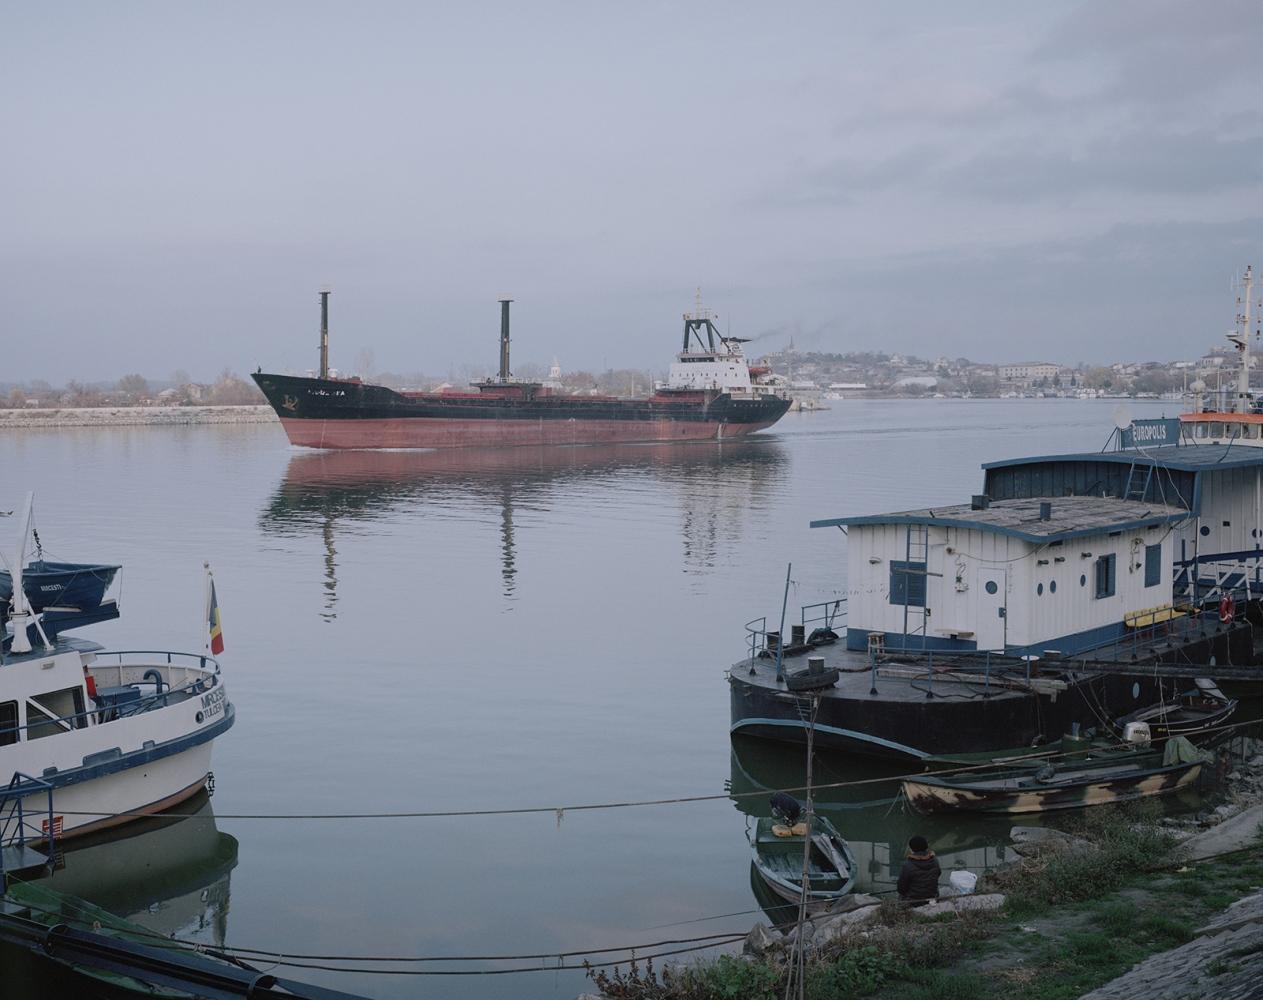 Romania, Tulcea. a cargo boat enter in the port of Tulcea.